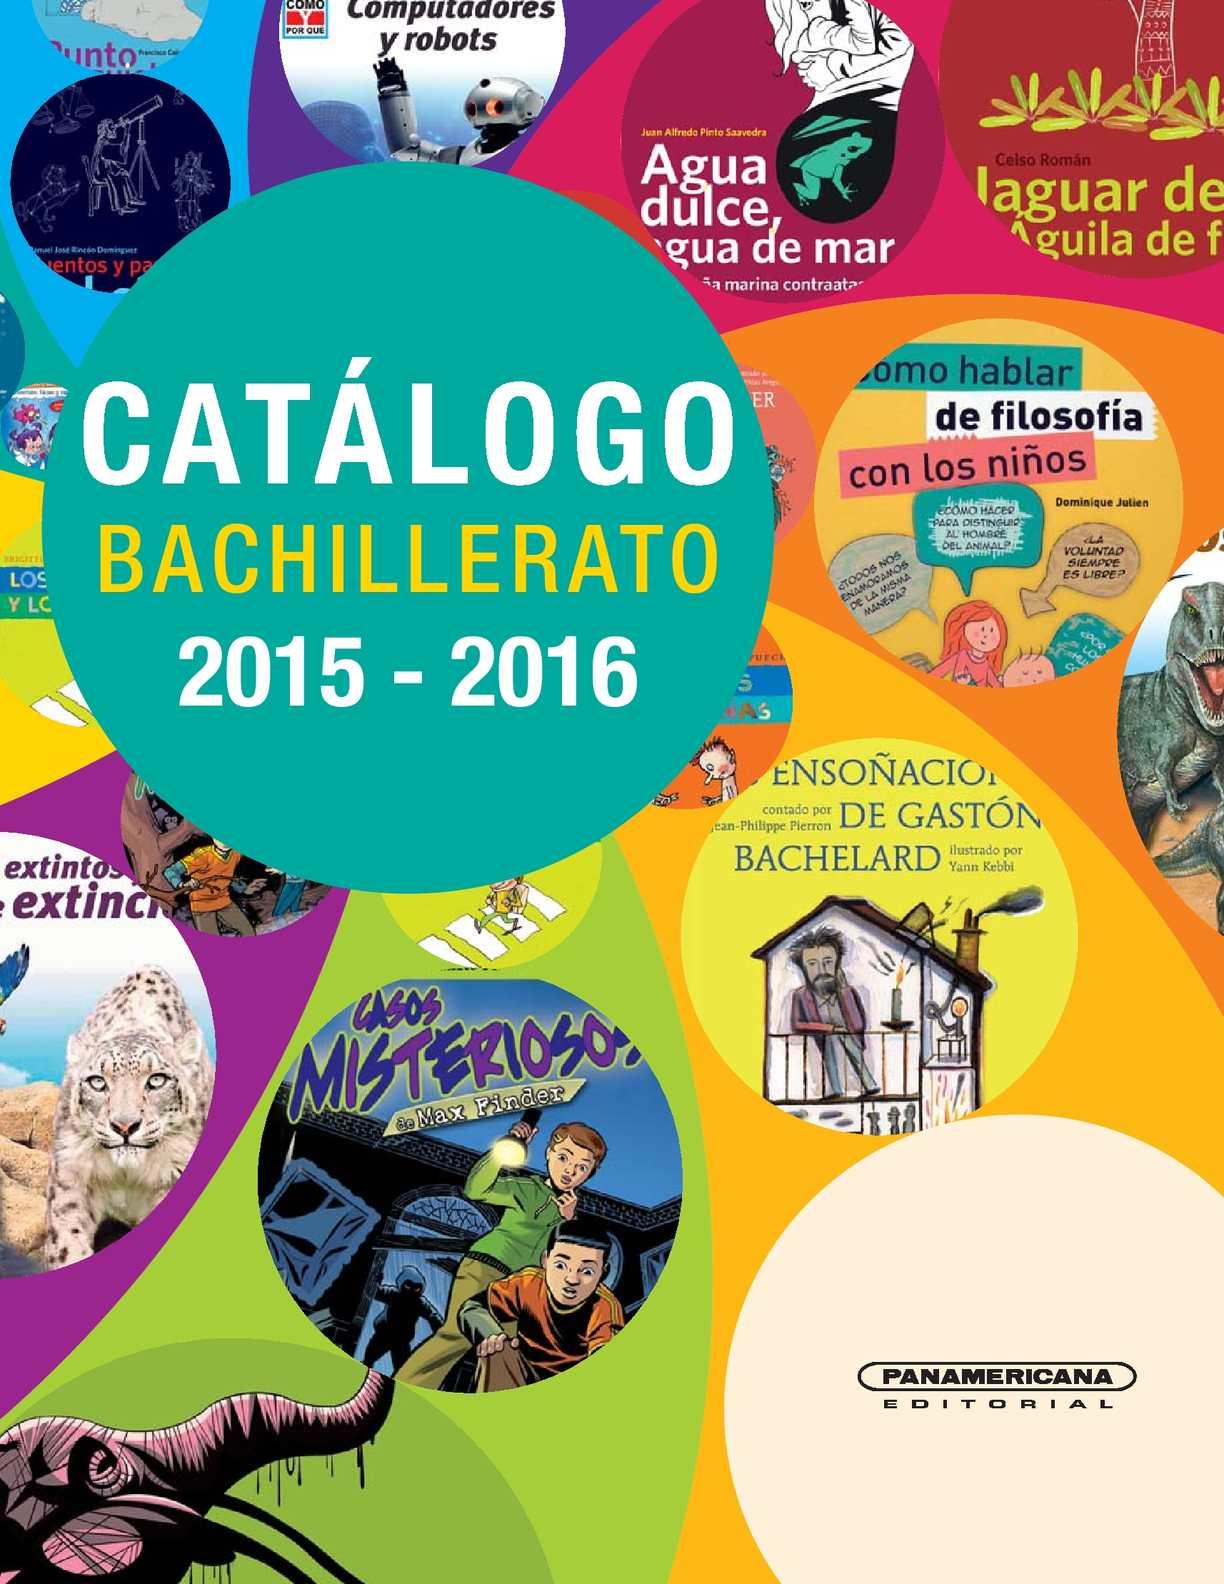 Calam o catalogo bachillerato 2015 2016 for Catalogo acqua e sapone 2015